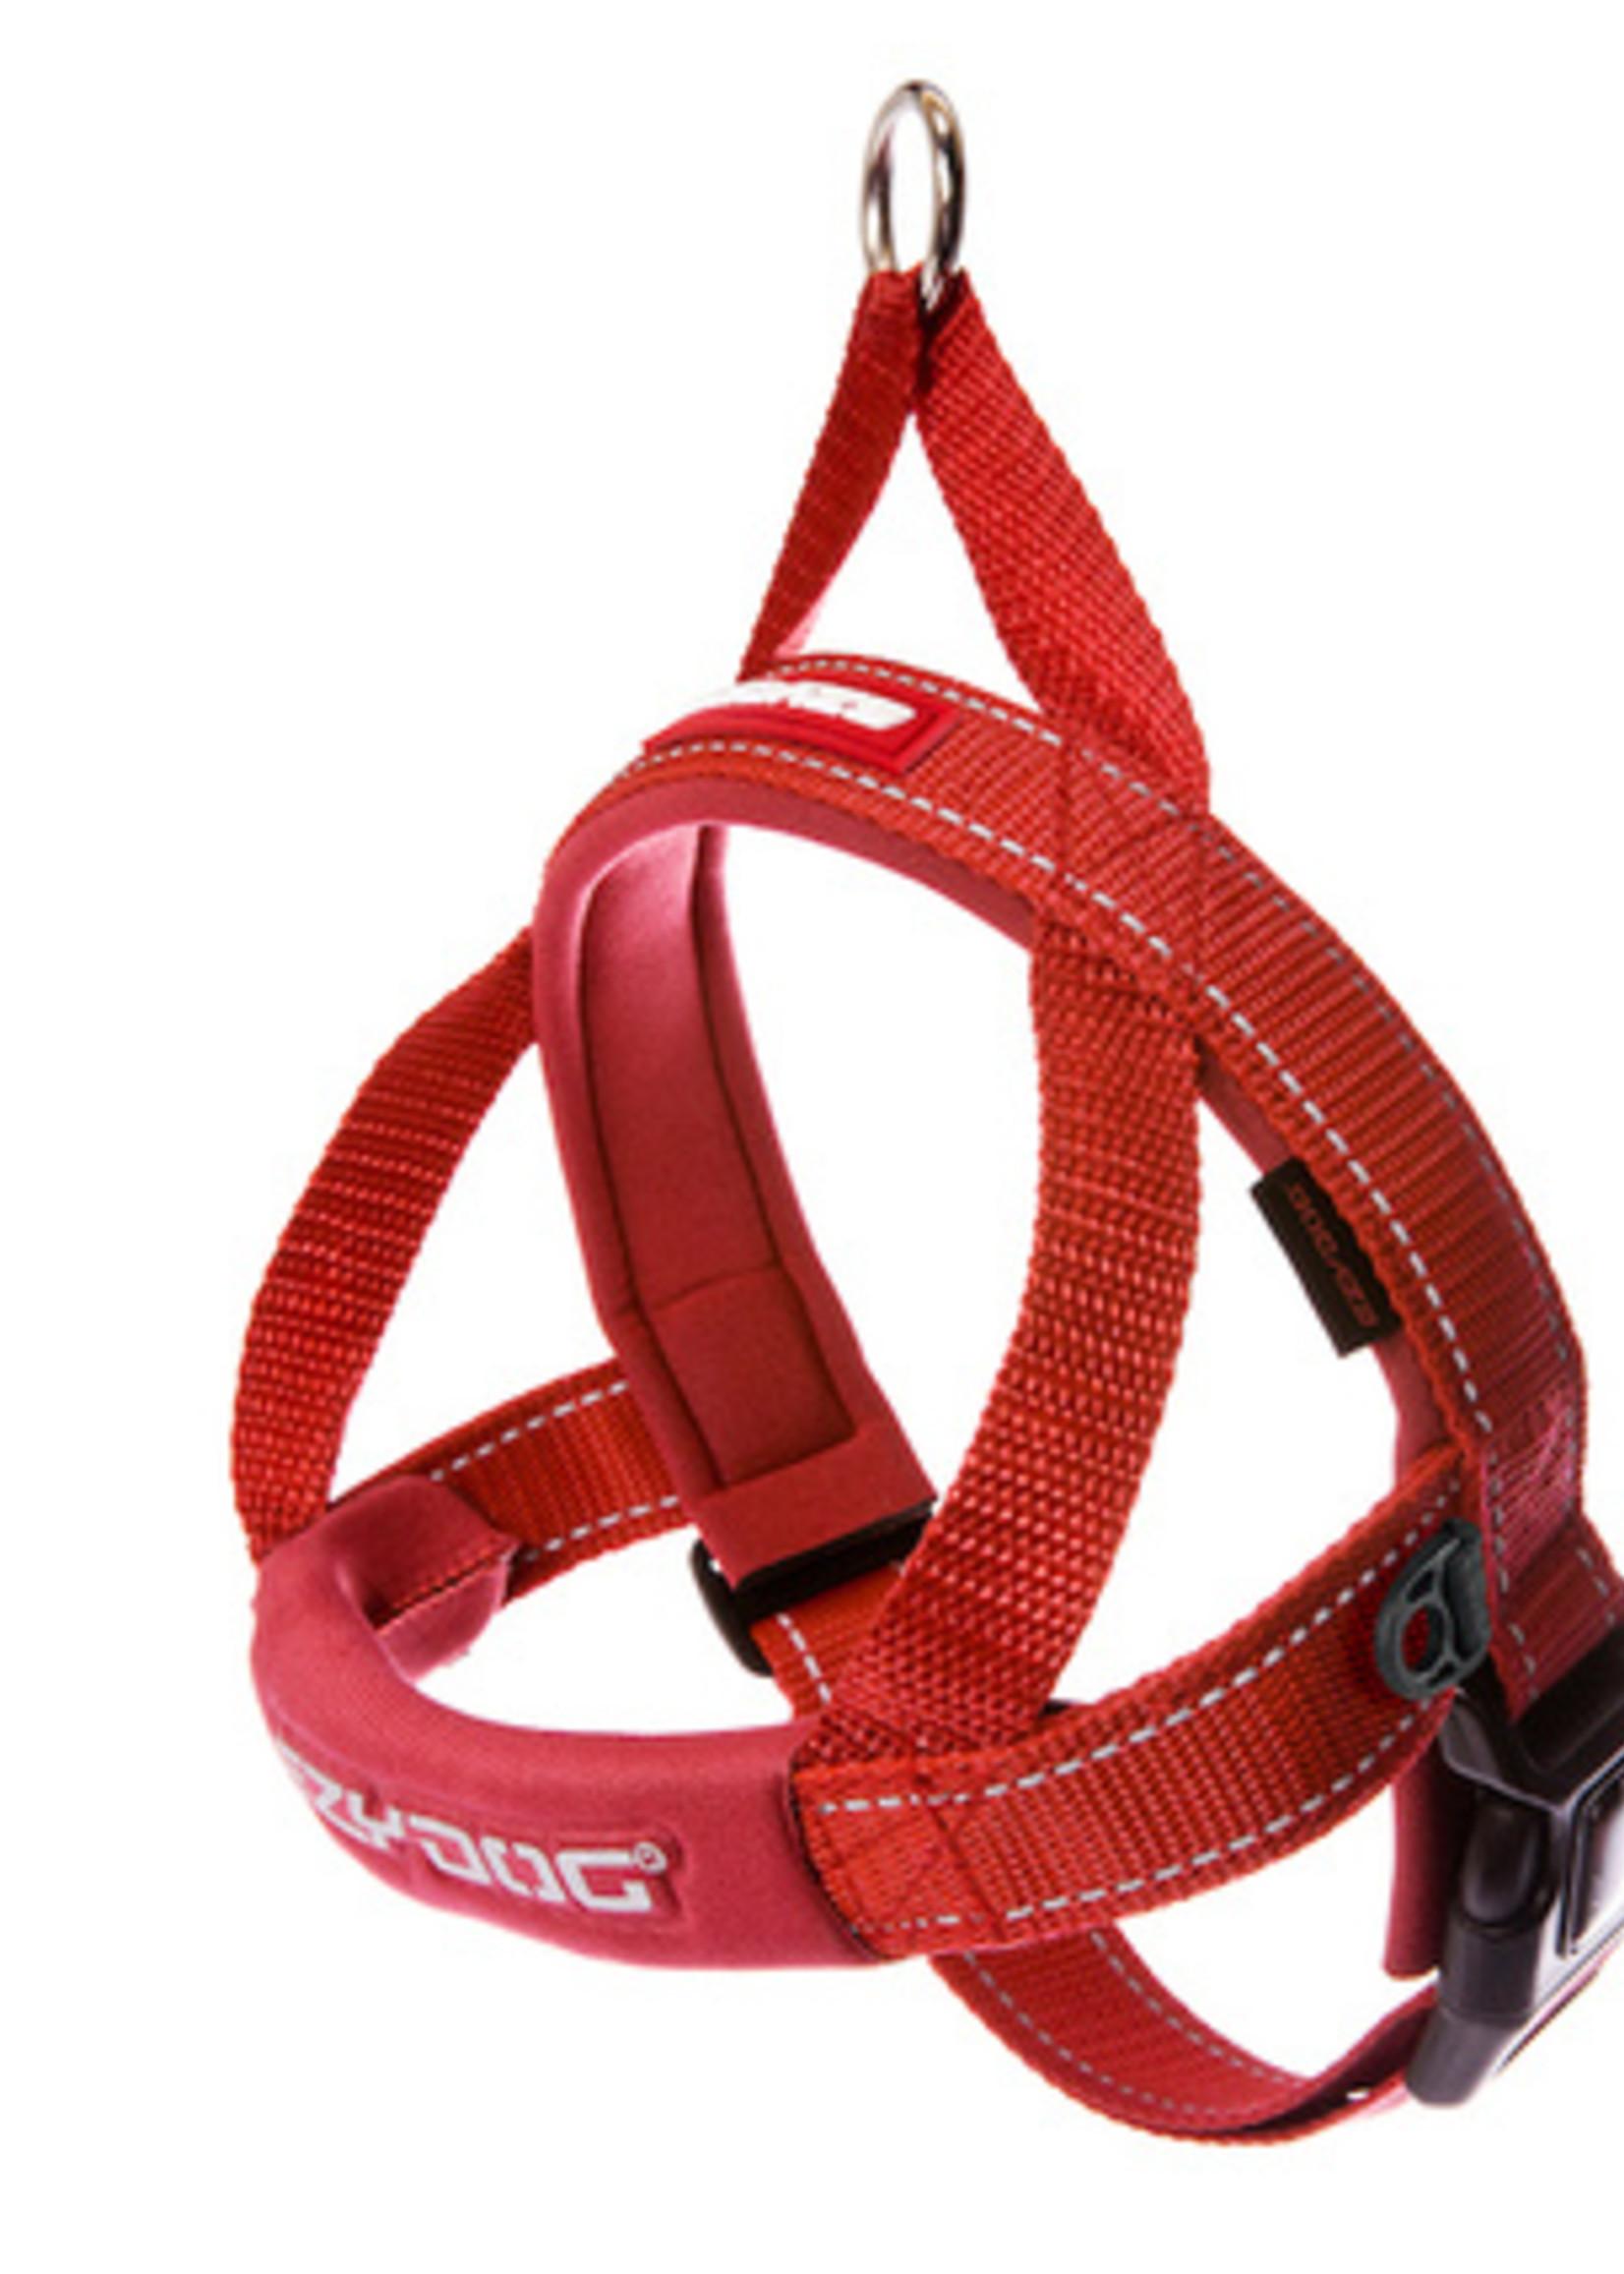 EzyDog EzyDog Quick Fit Harness Red L